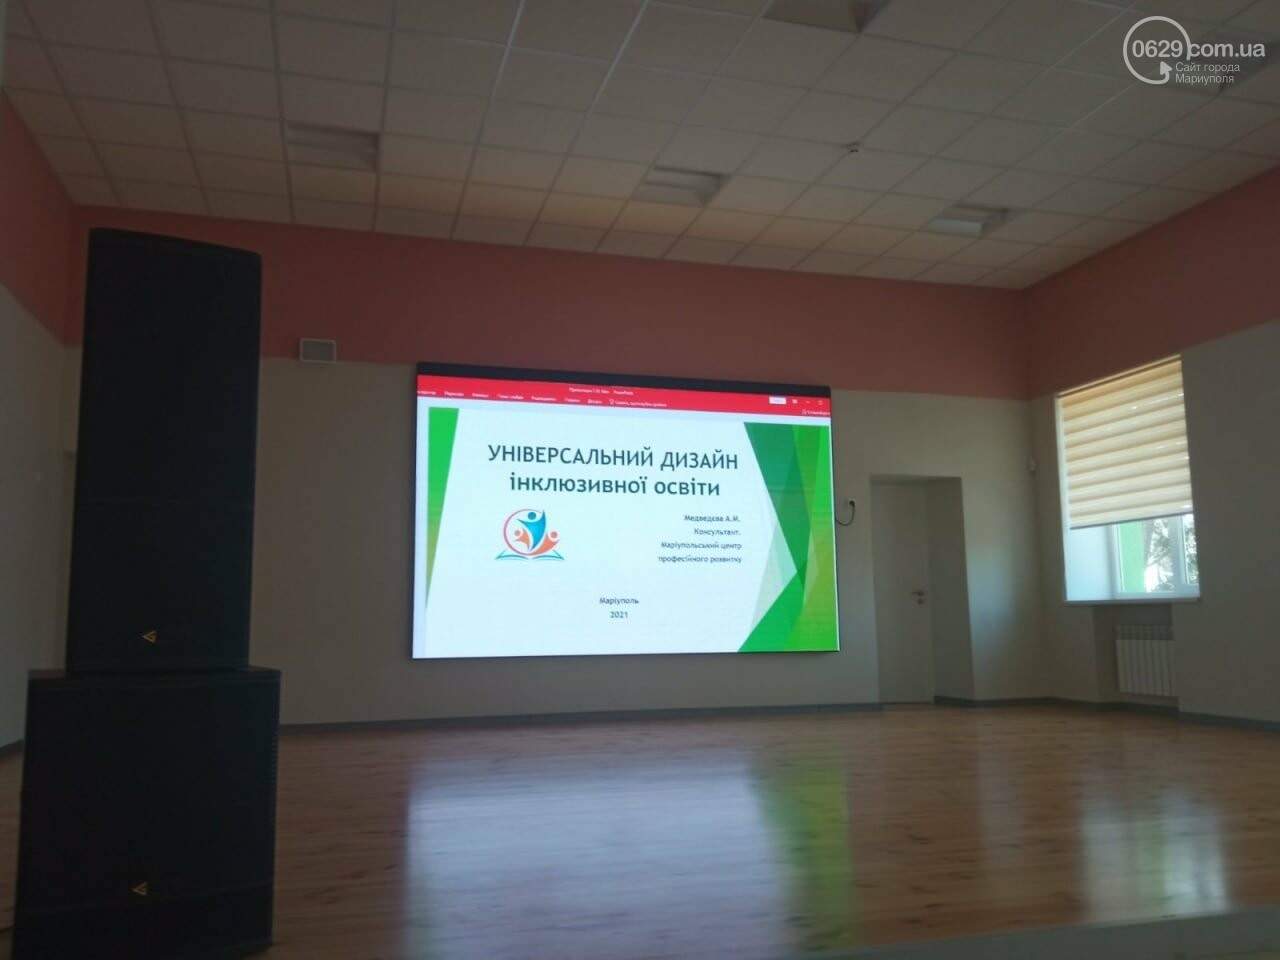 В Мариуполе разрабатывают уникальный дизайн инклюзивного образования, - ФОТО, фото-1